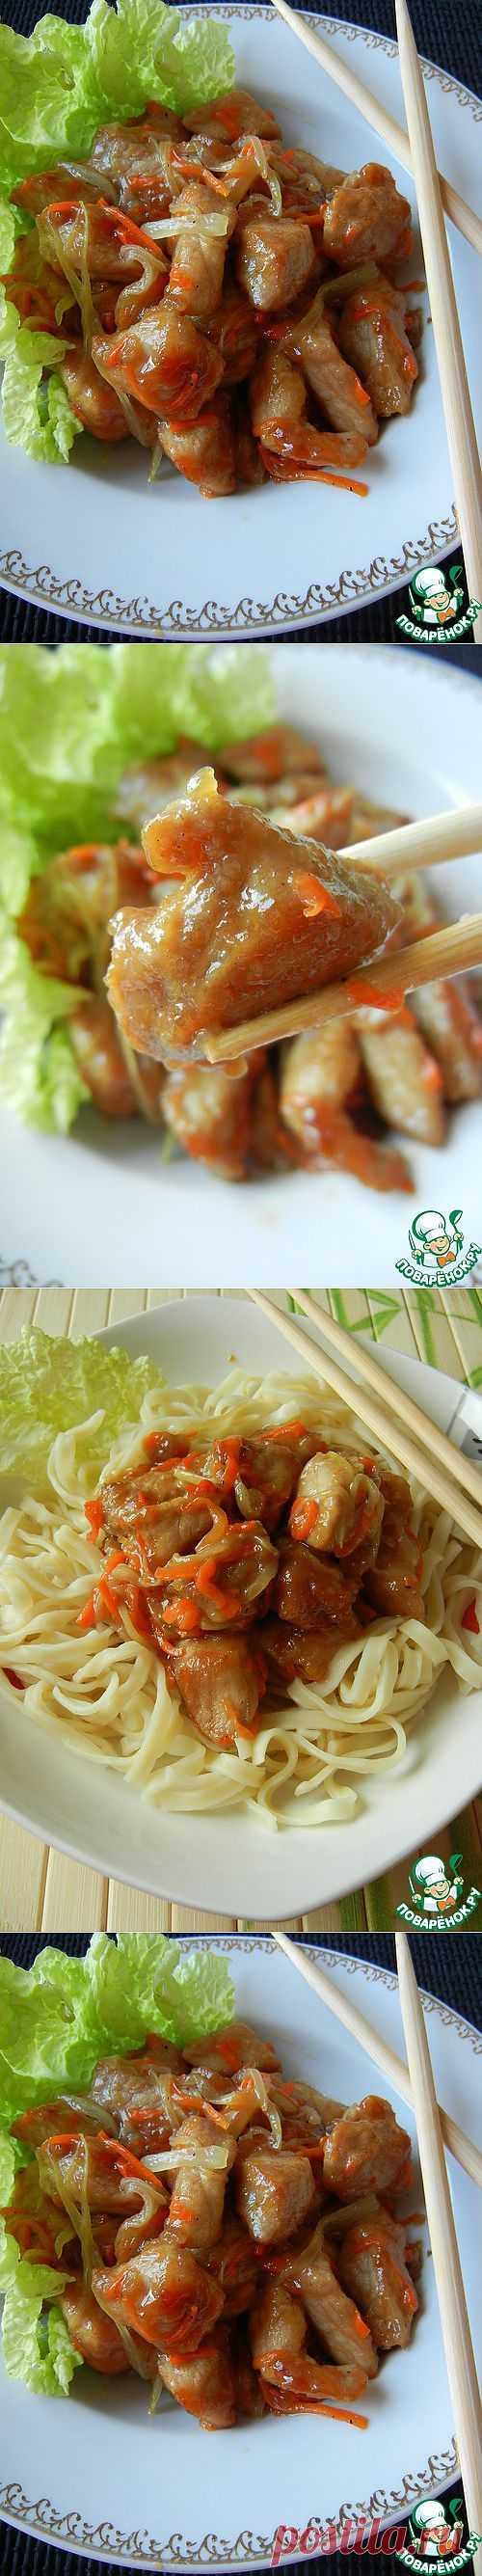 Свинина по-китайски в кисло-сладком соусе - нарядно,ярко,вкусно!.